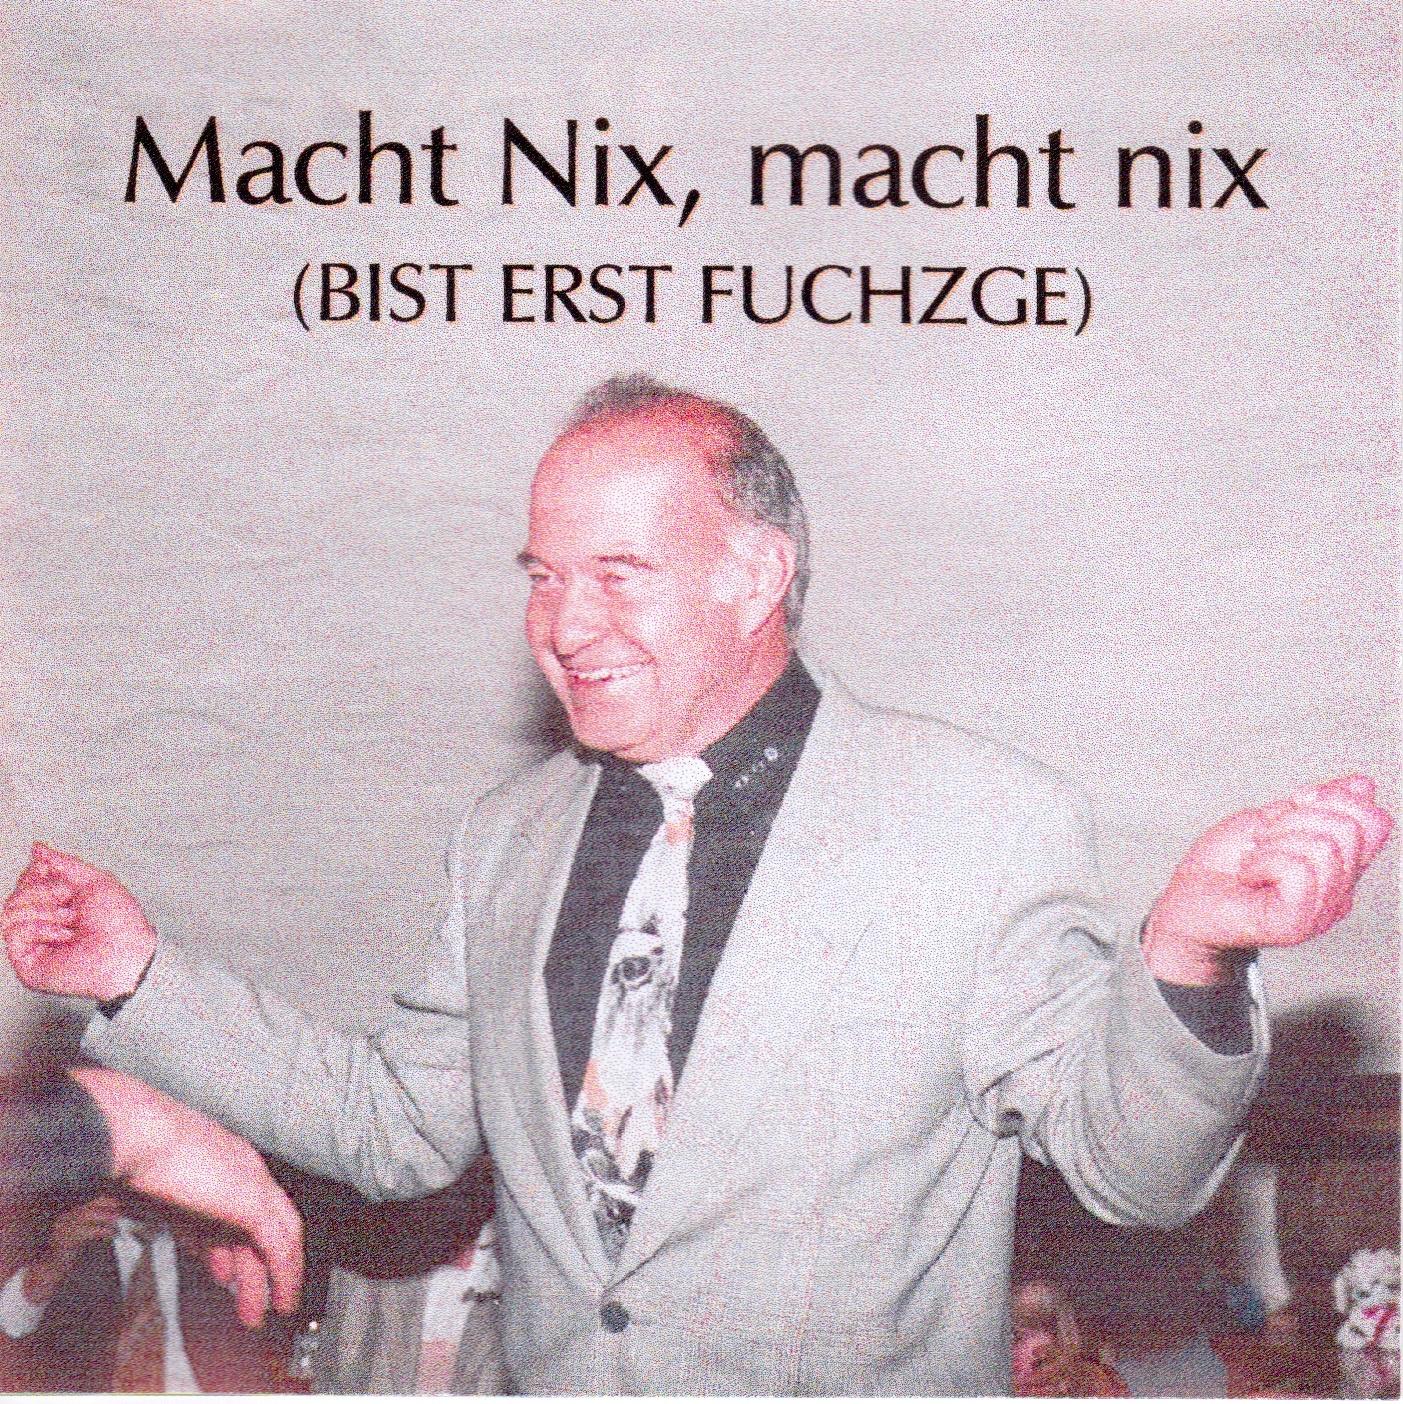 https://0501.nccdn.net/4_2/000/000/023/130/Macht-nix_Rudi-1403x1404.jpg